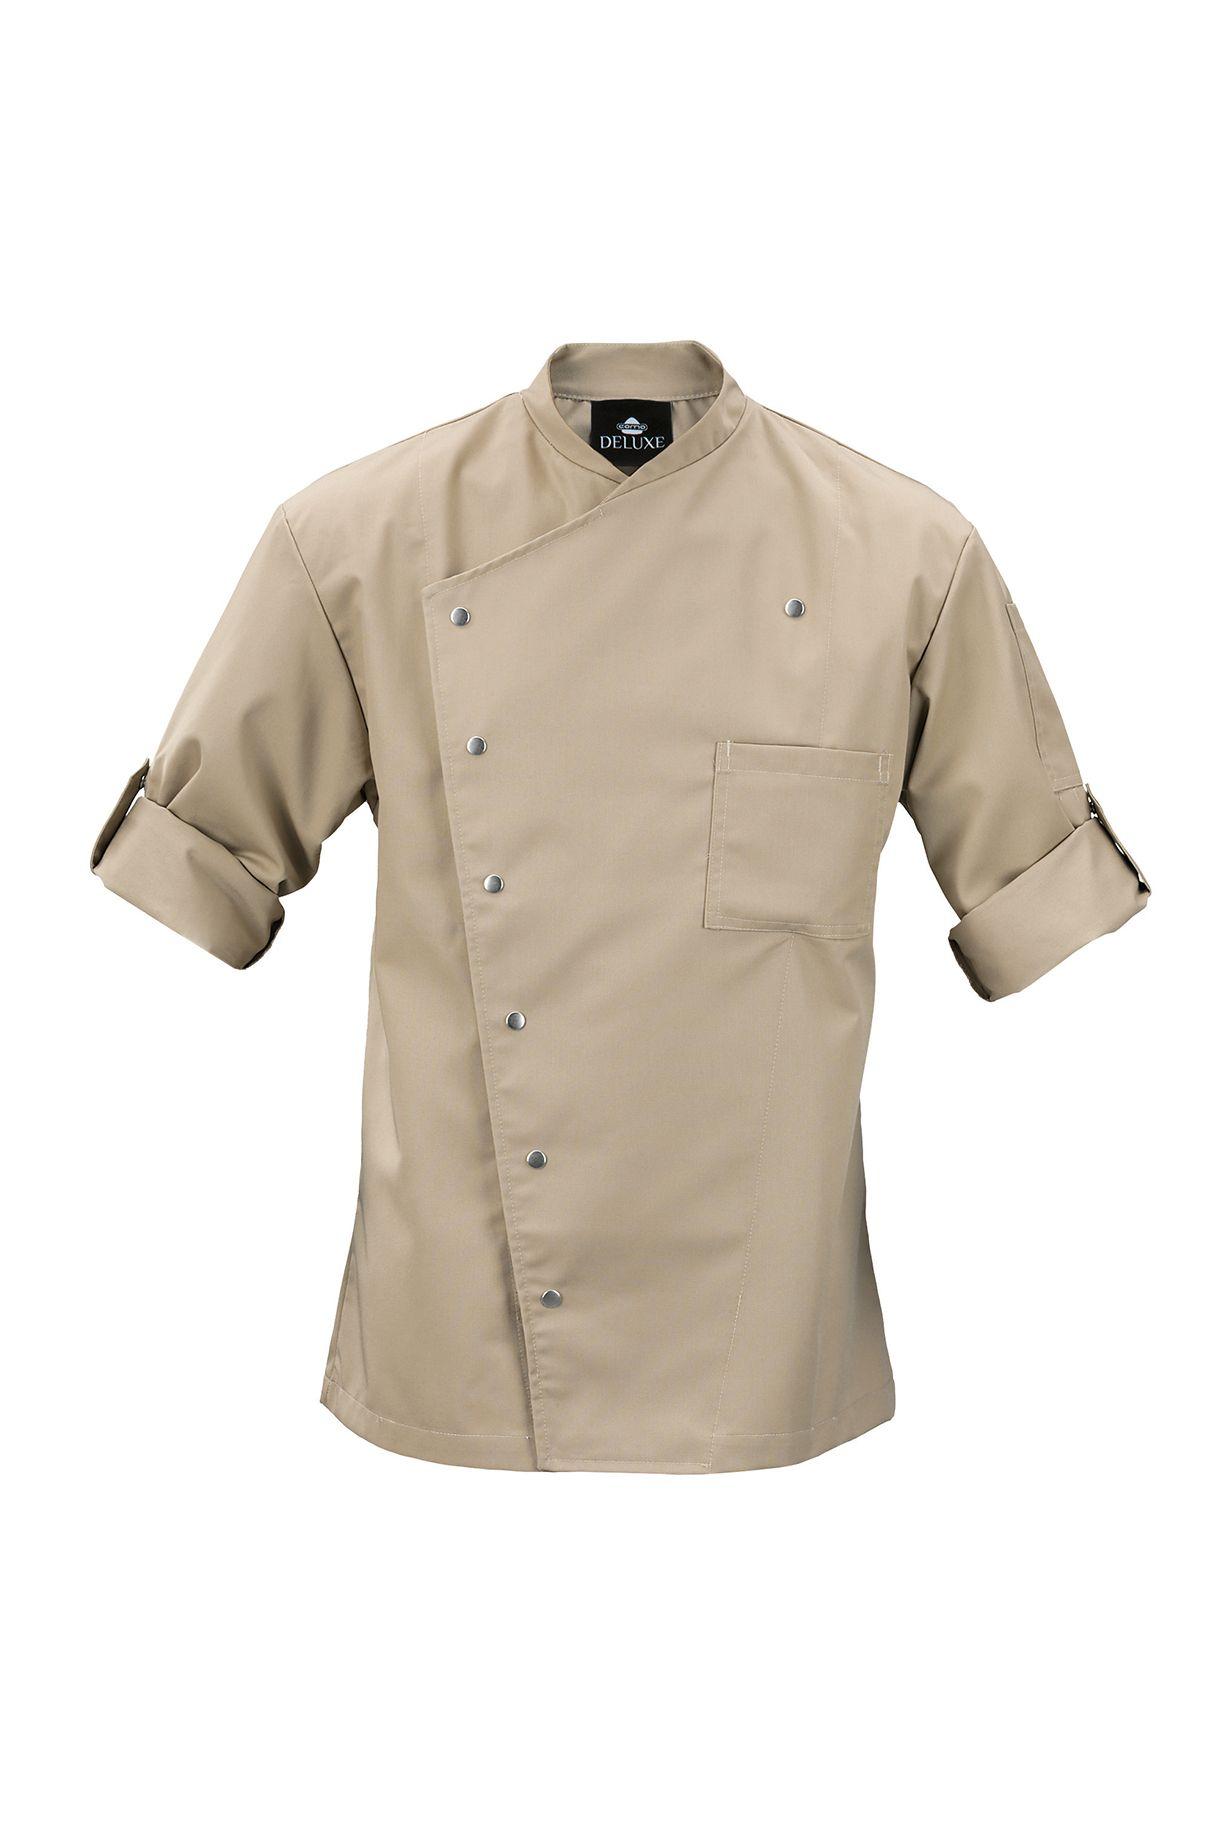 Cambridge Herren Kochjacke | Restaurant uniformen, Jacken